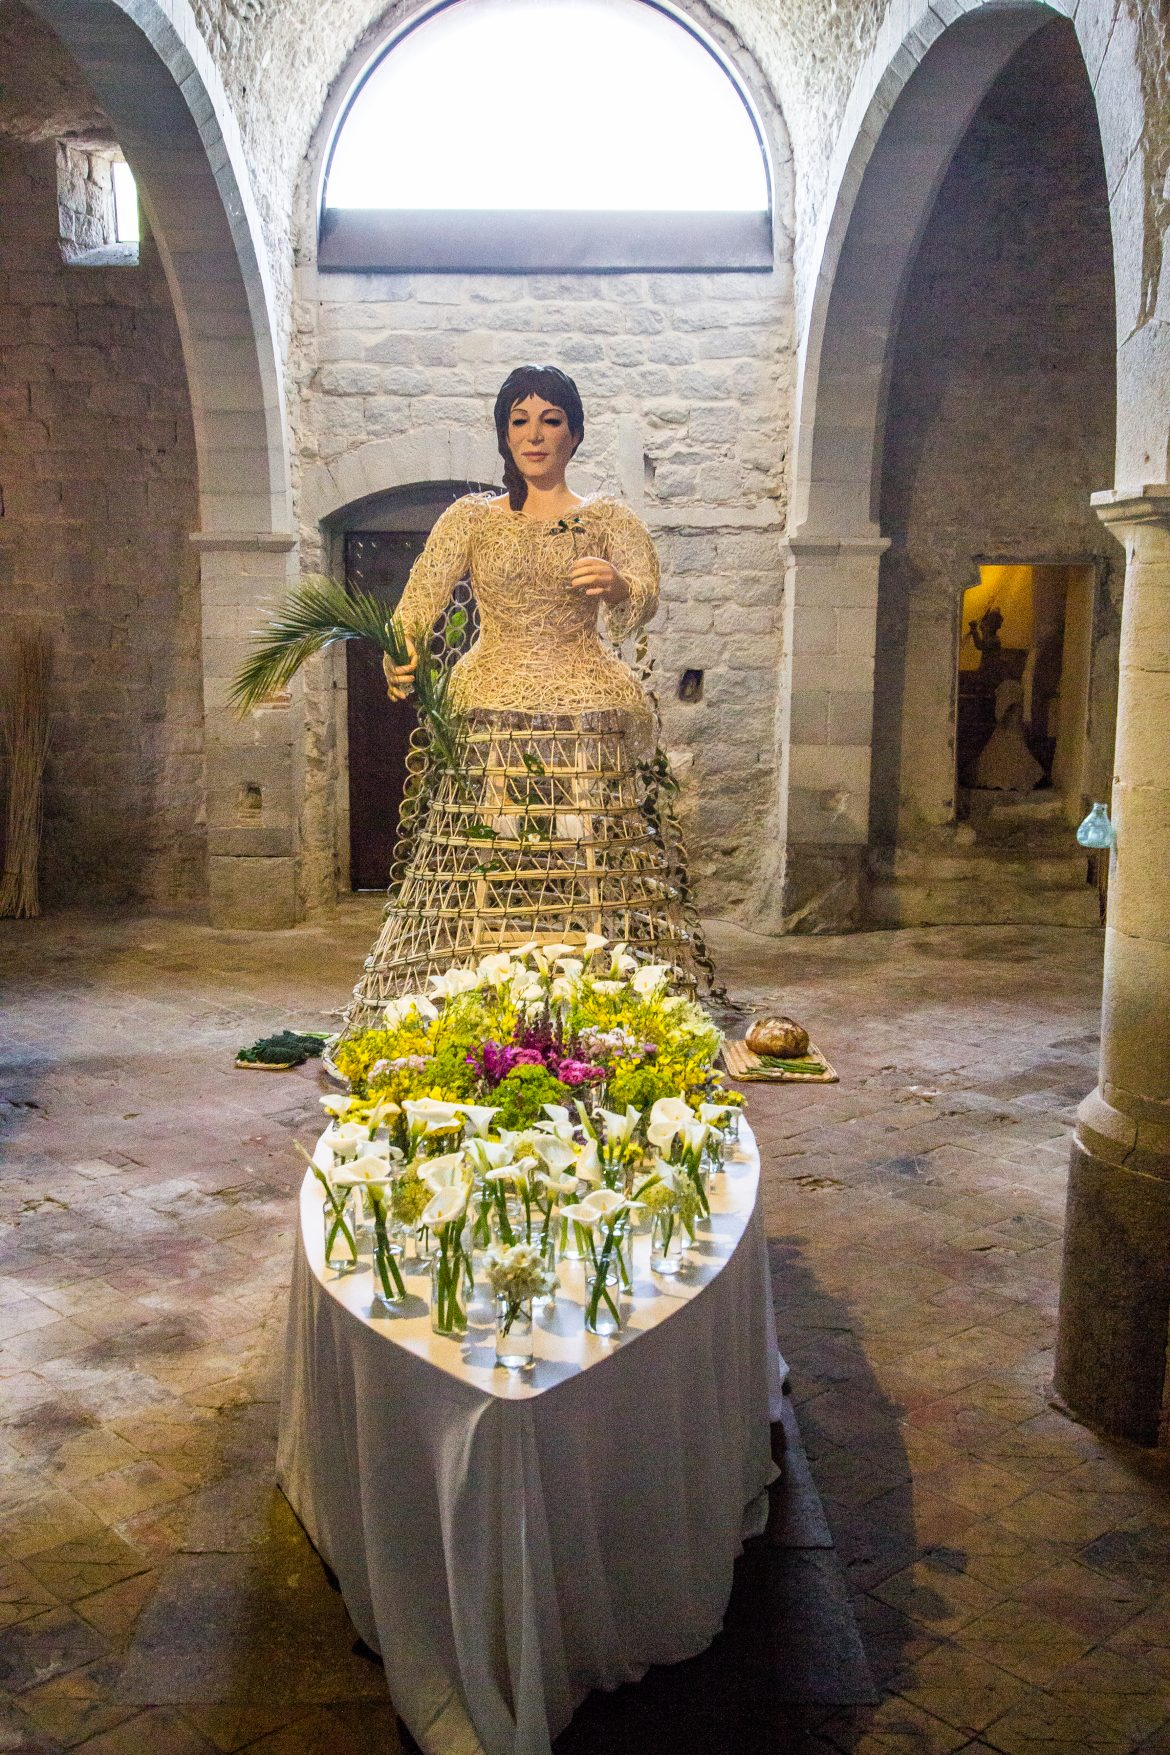 fête-des-fleurs-insolite-dans-monuments-religieux-Gérone-Catalogne